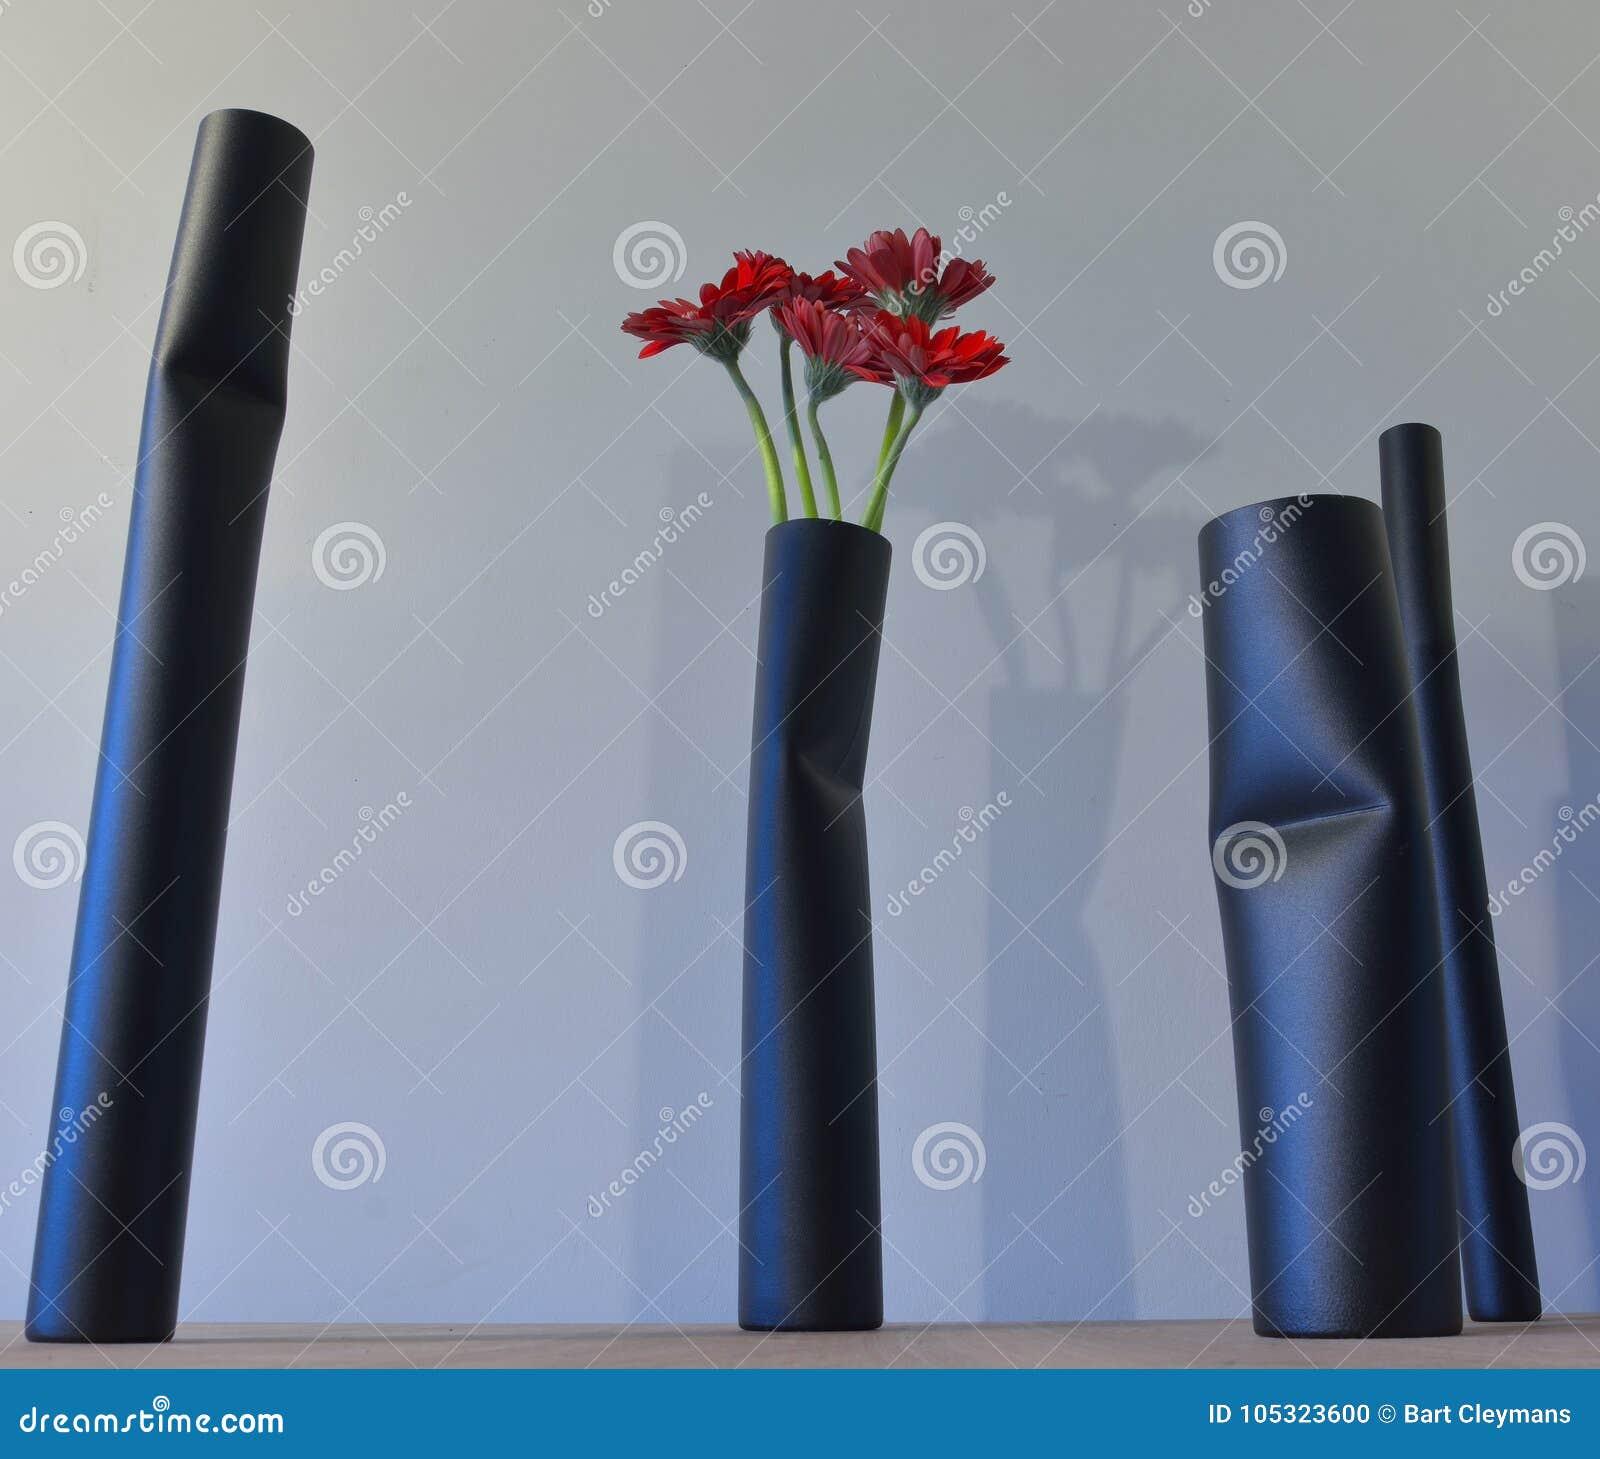 Design Pieces, Beautiful Modern Flower Vase.